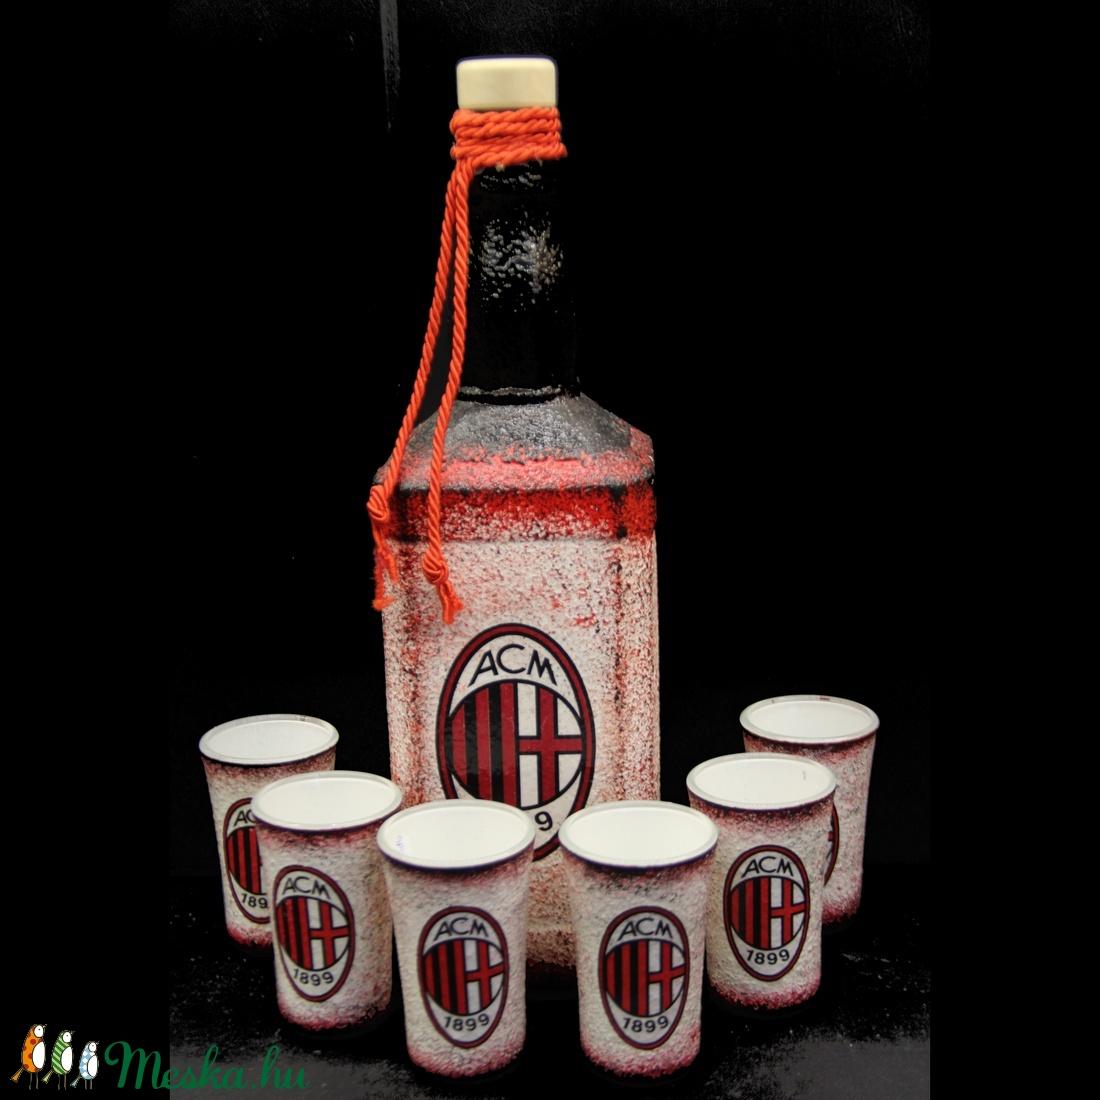 AC MILAN  emblémával díszített pohár szett ( 0,75 l üveg + 6x45 ml pohár)  )   (decorfantasy) - Meska.hu